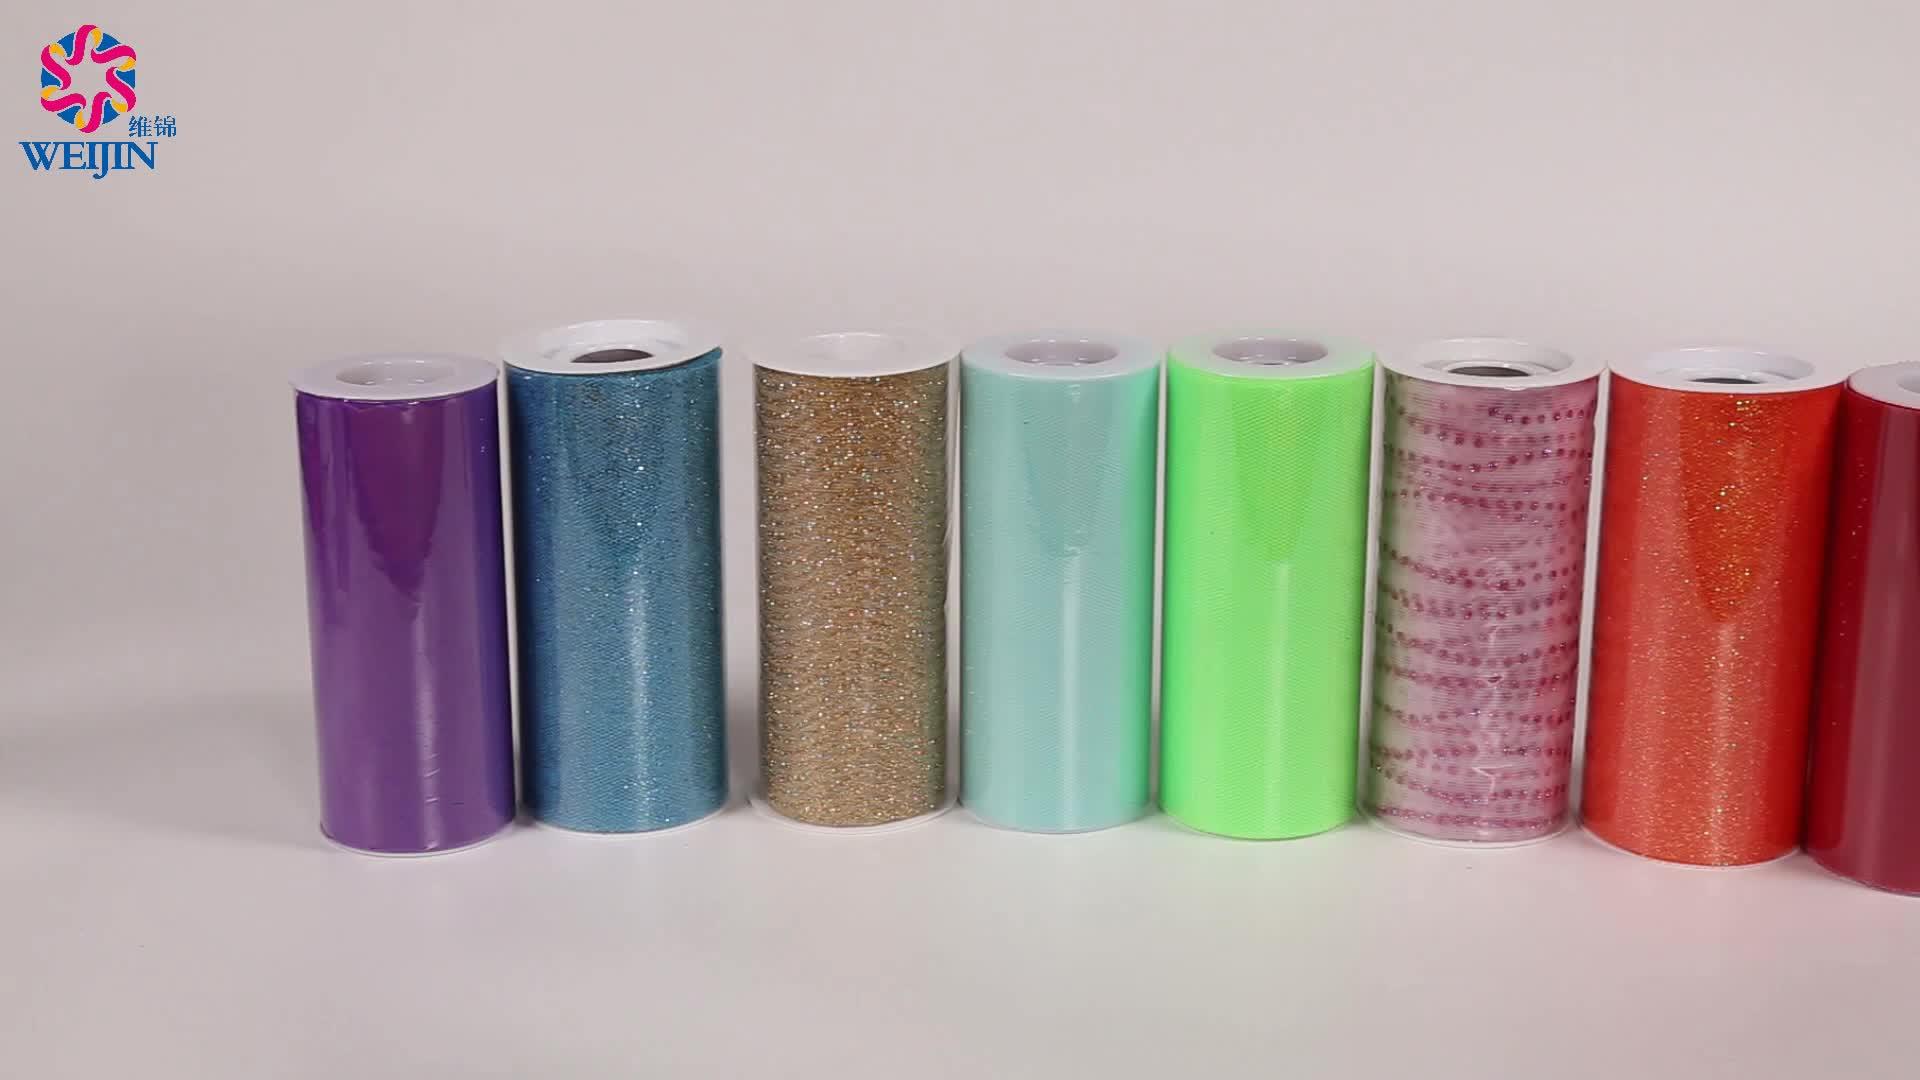 6 นิ้วTulle Roll 20 หลาผ้าตาข่ายสาวกระโปรงแต่งงานตกแต่ง 100% โพลีเอสเตอร์Flockedไมโครไฟเบอร์